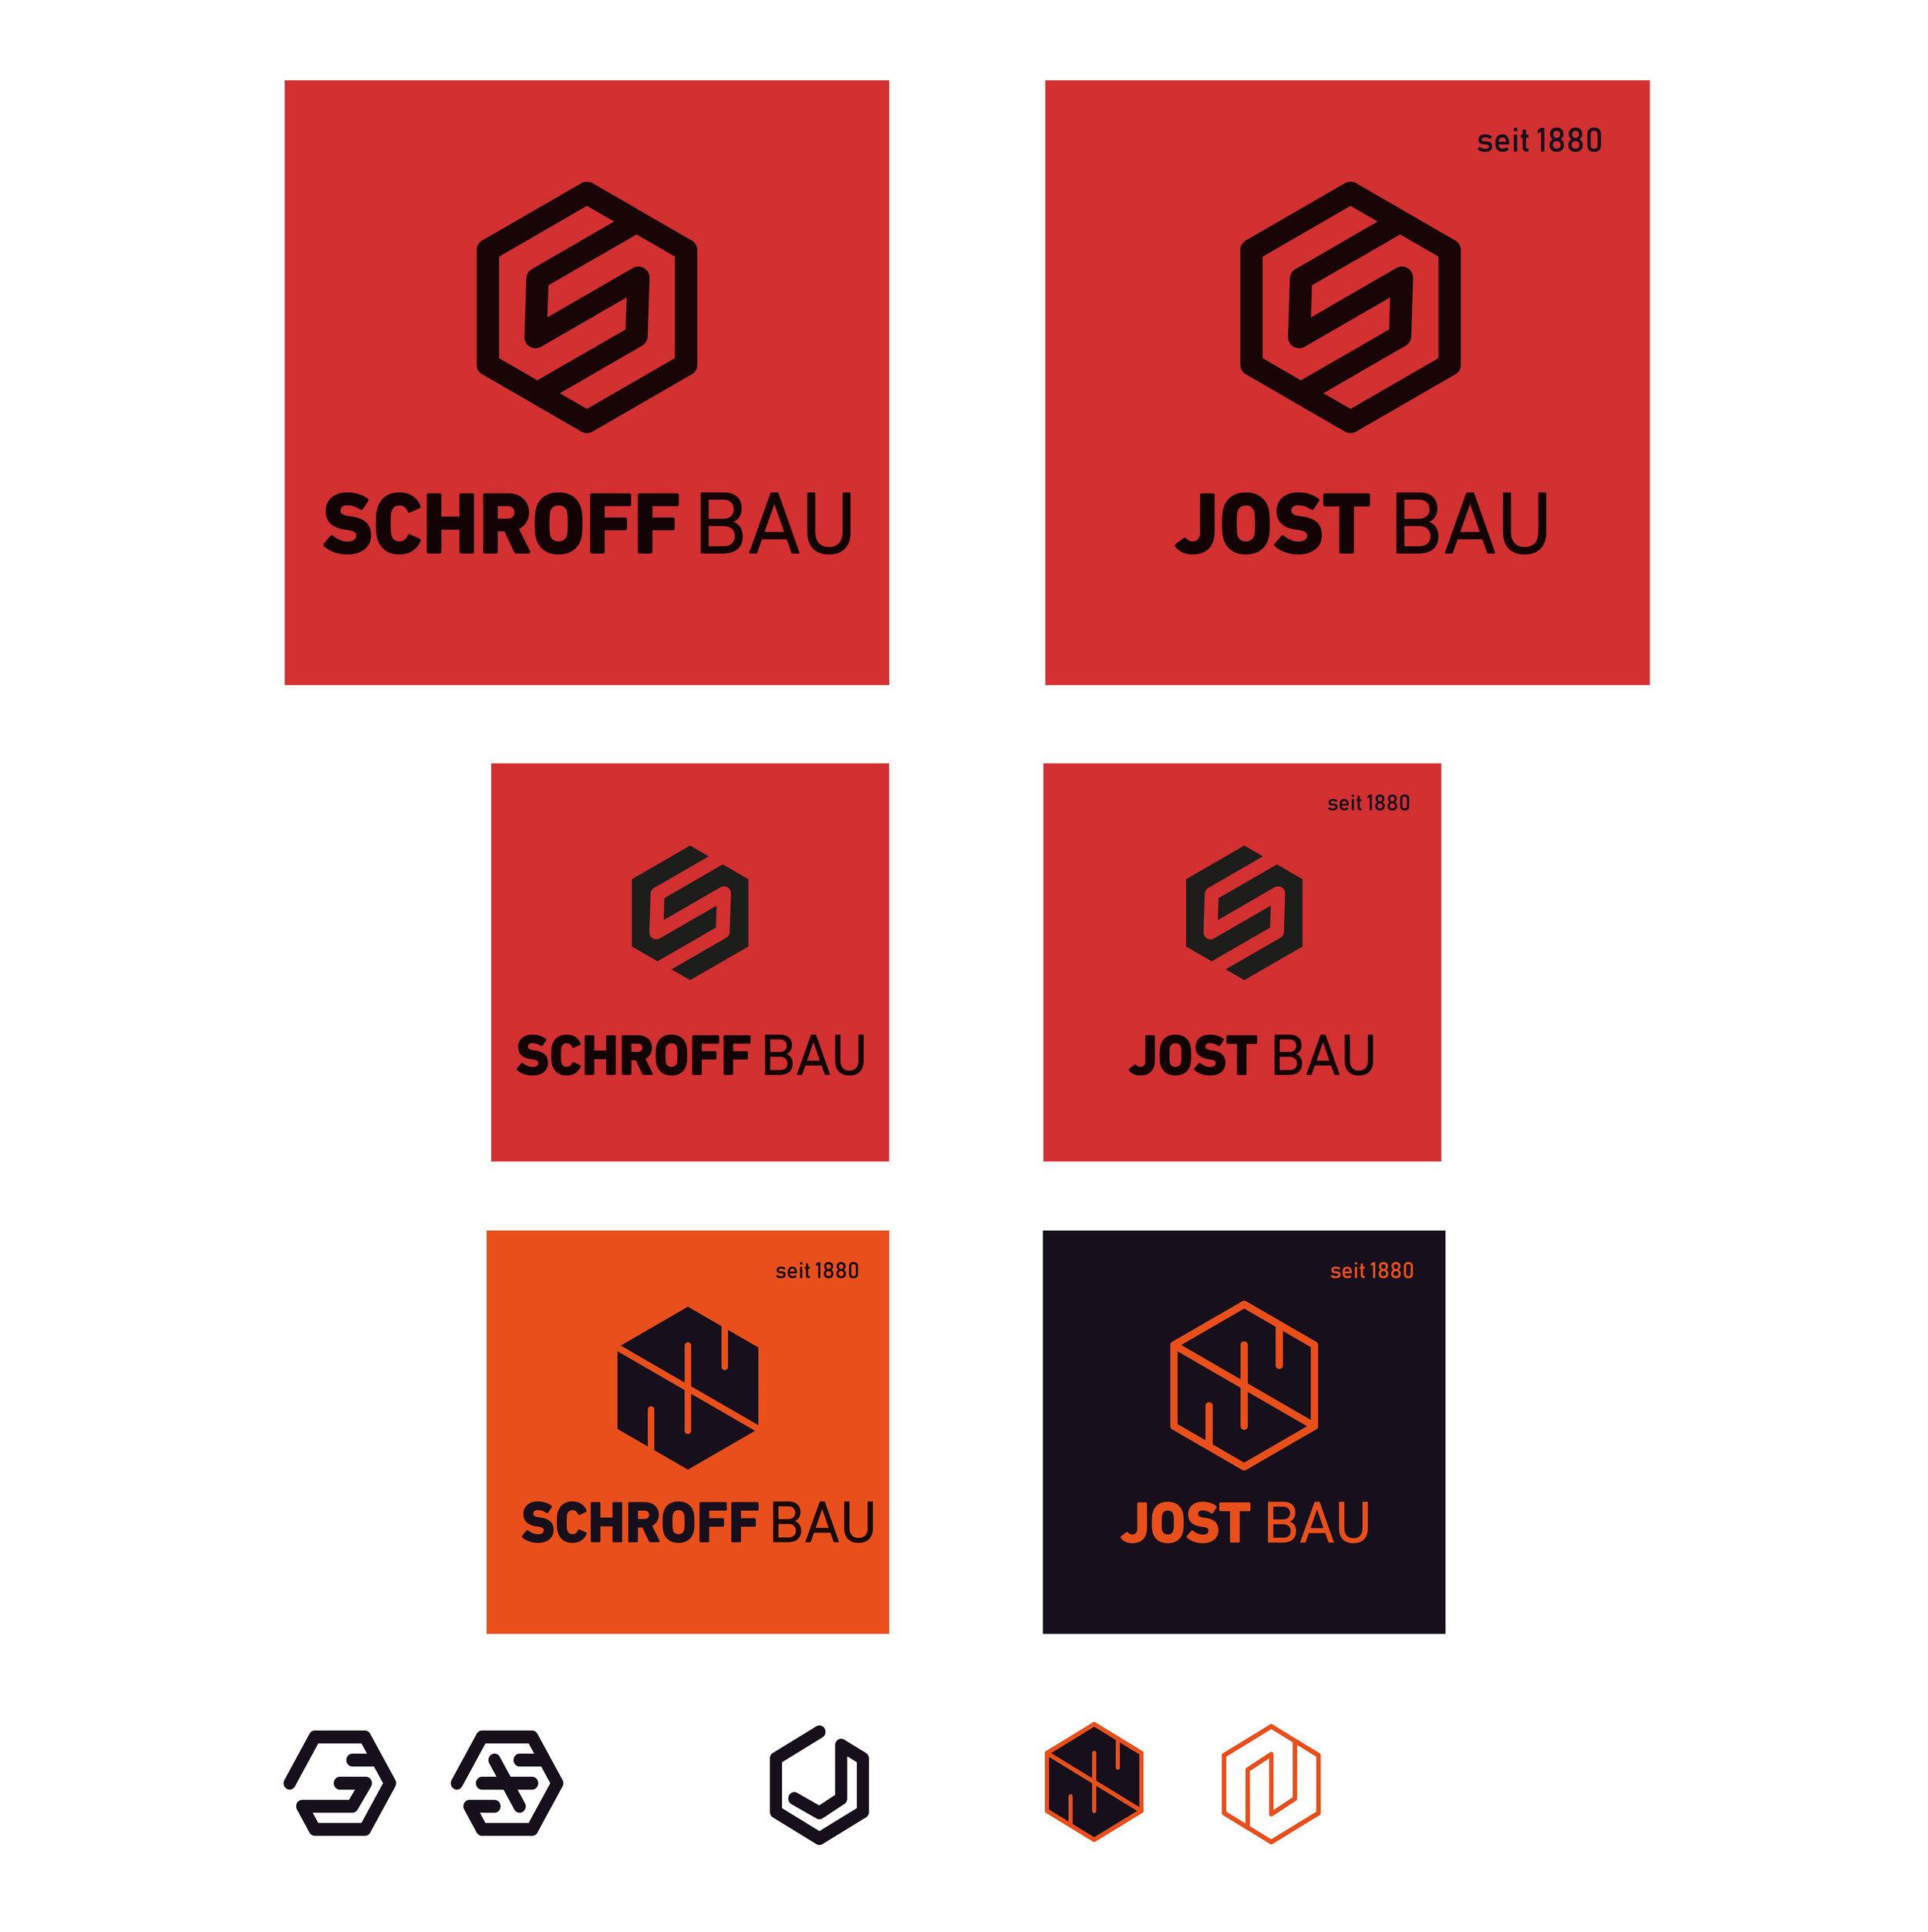 Entwicklung der Idee zur Bildmarke und Logovarianten